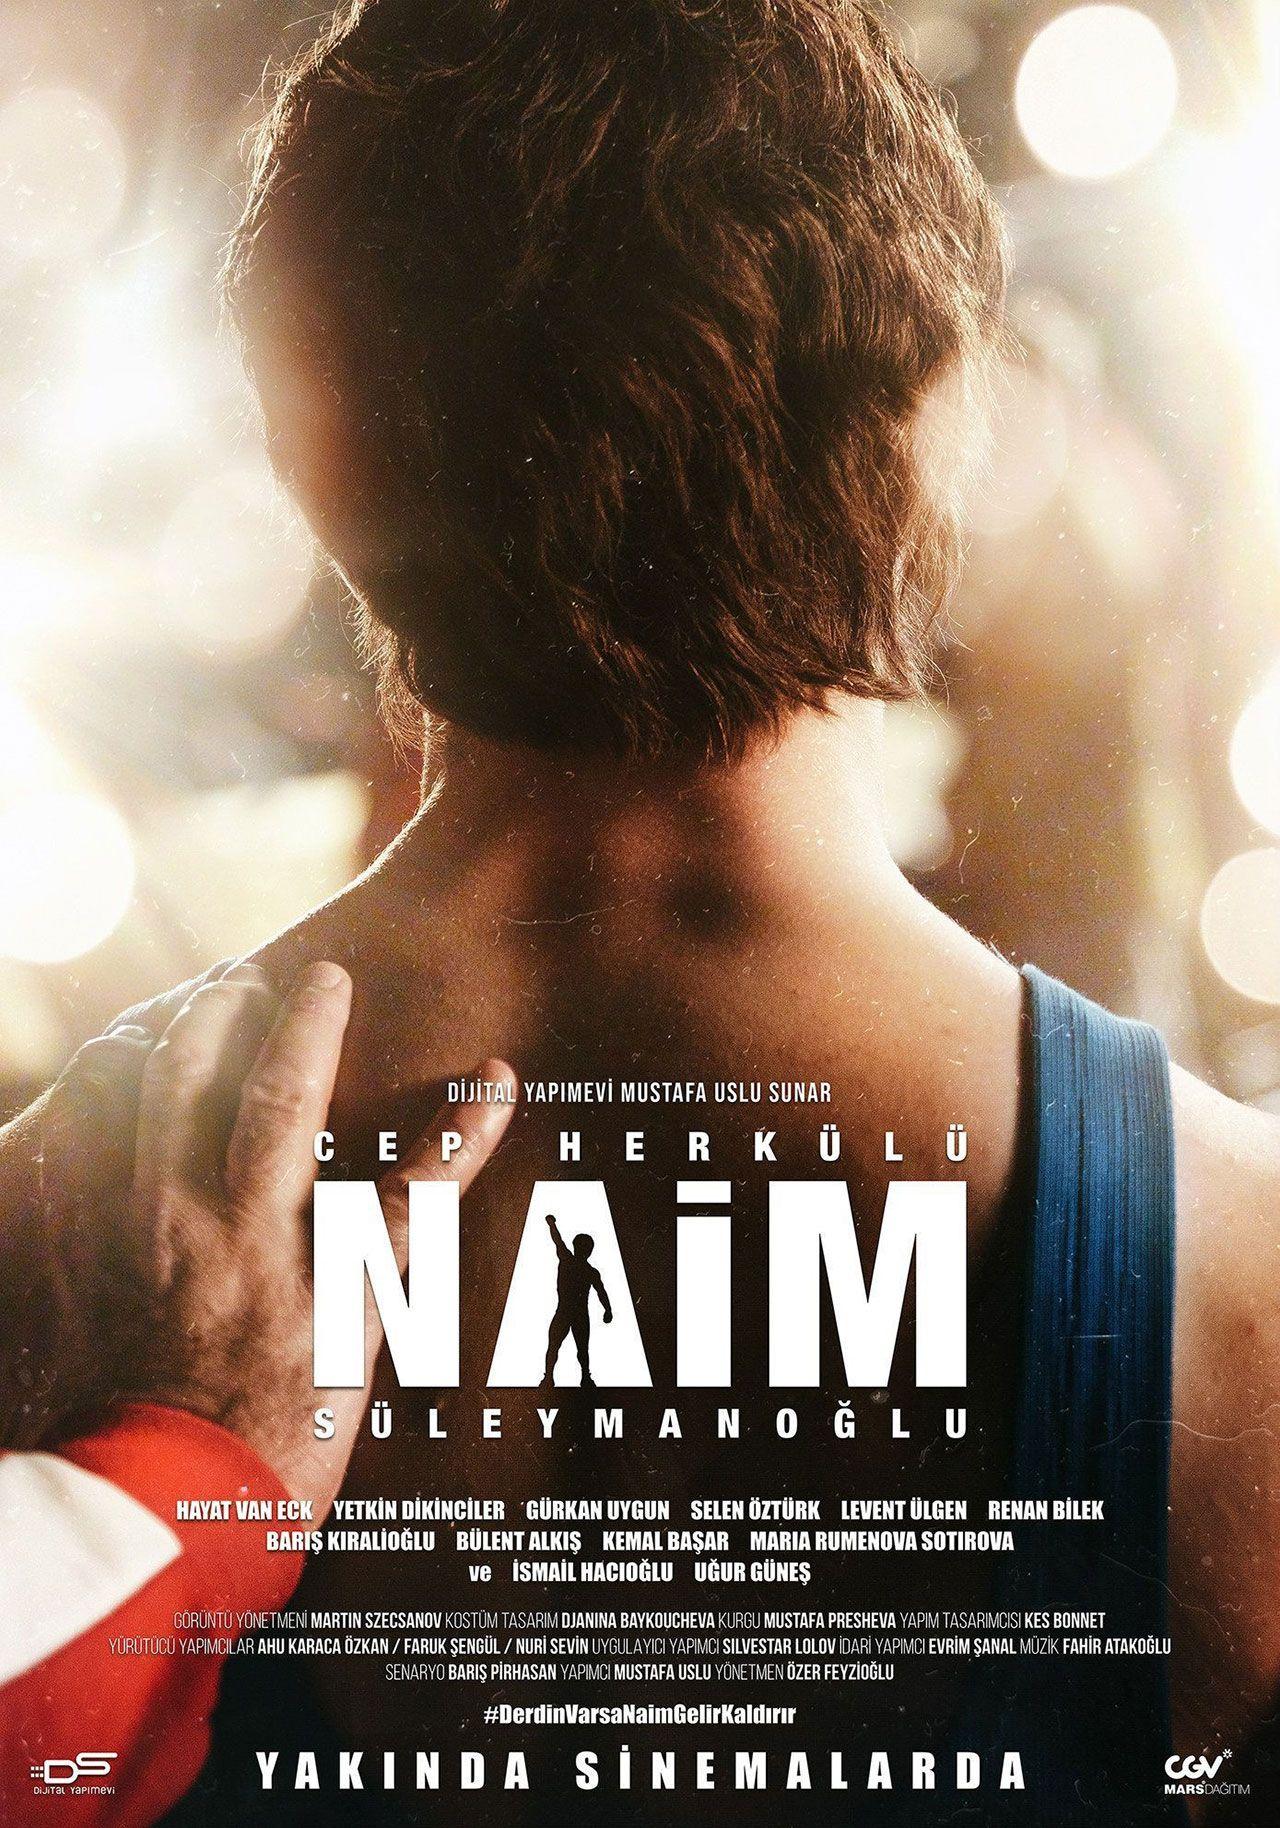 Box Office Türkiye rakamları açıklandı - Sayfa:2